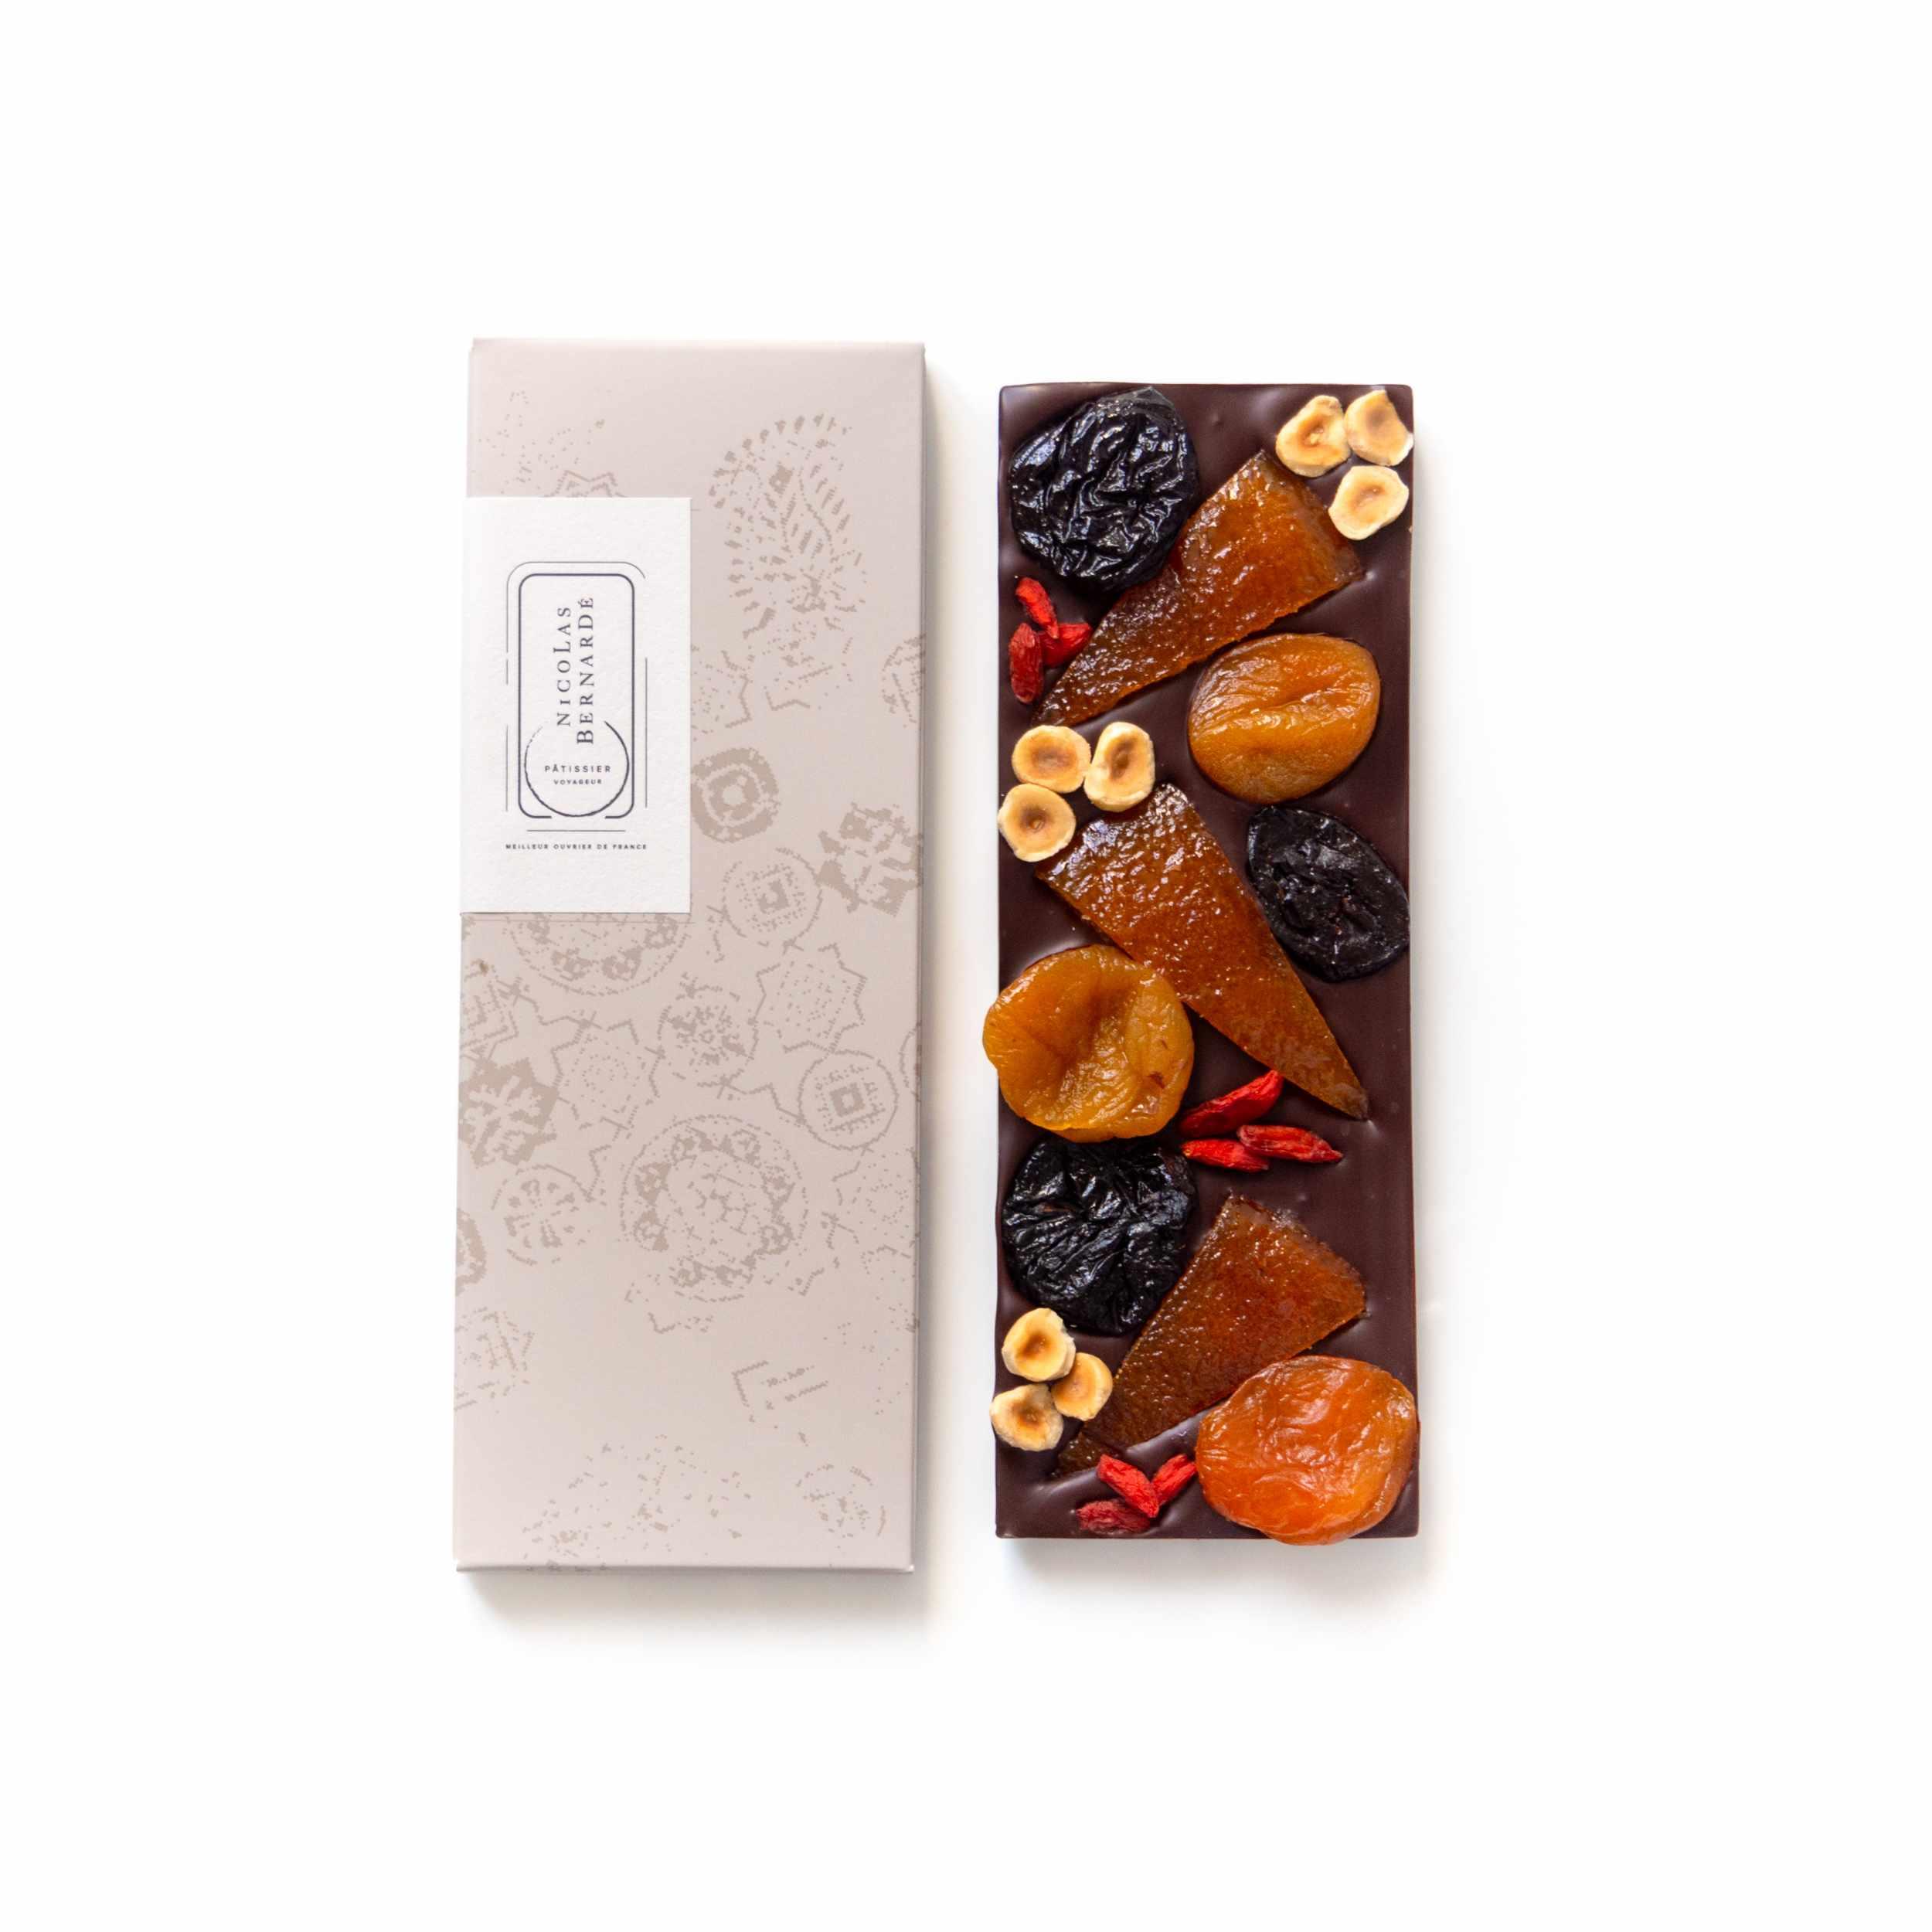 Tablettes chocolat noir enrichi - Mendiant